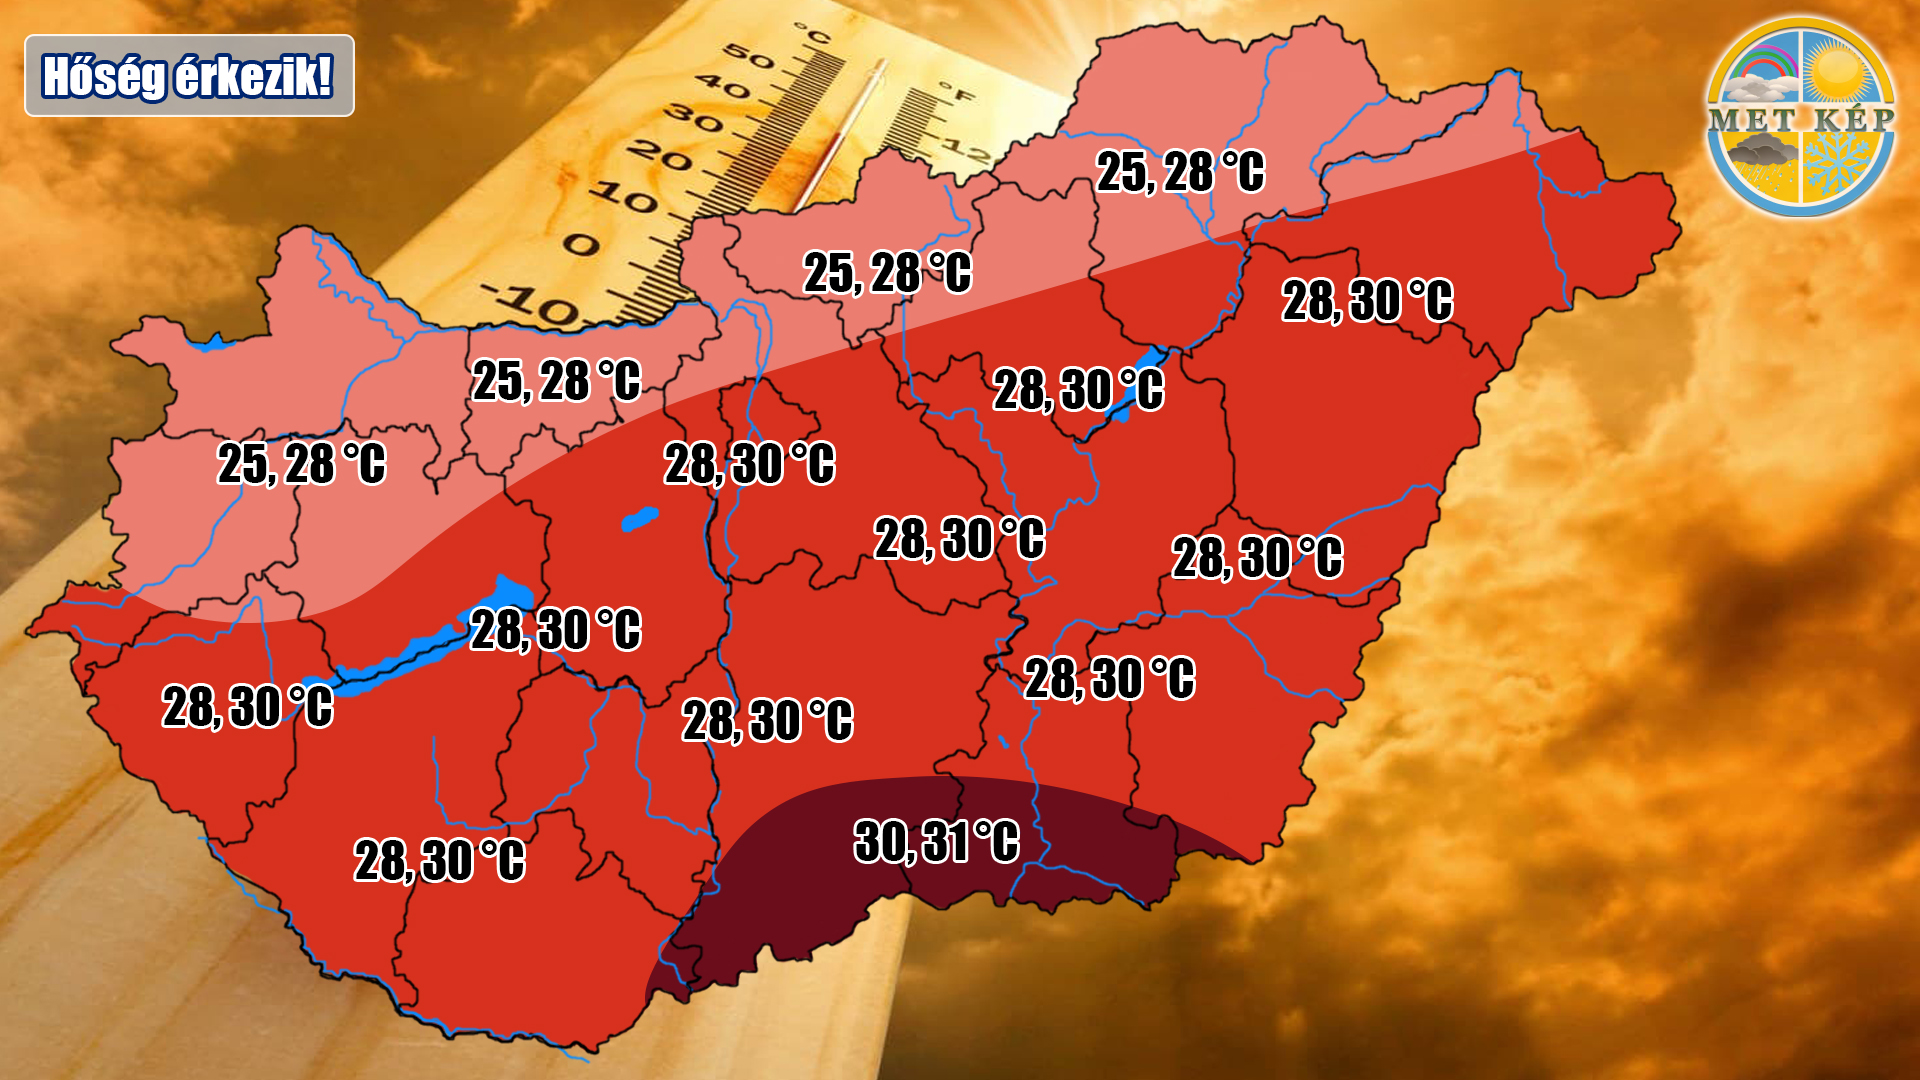 Hőség, és száraz időjárás! 2